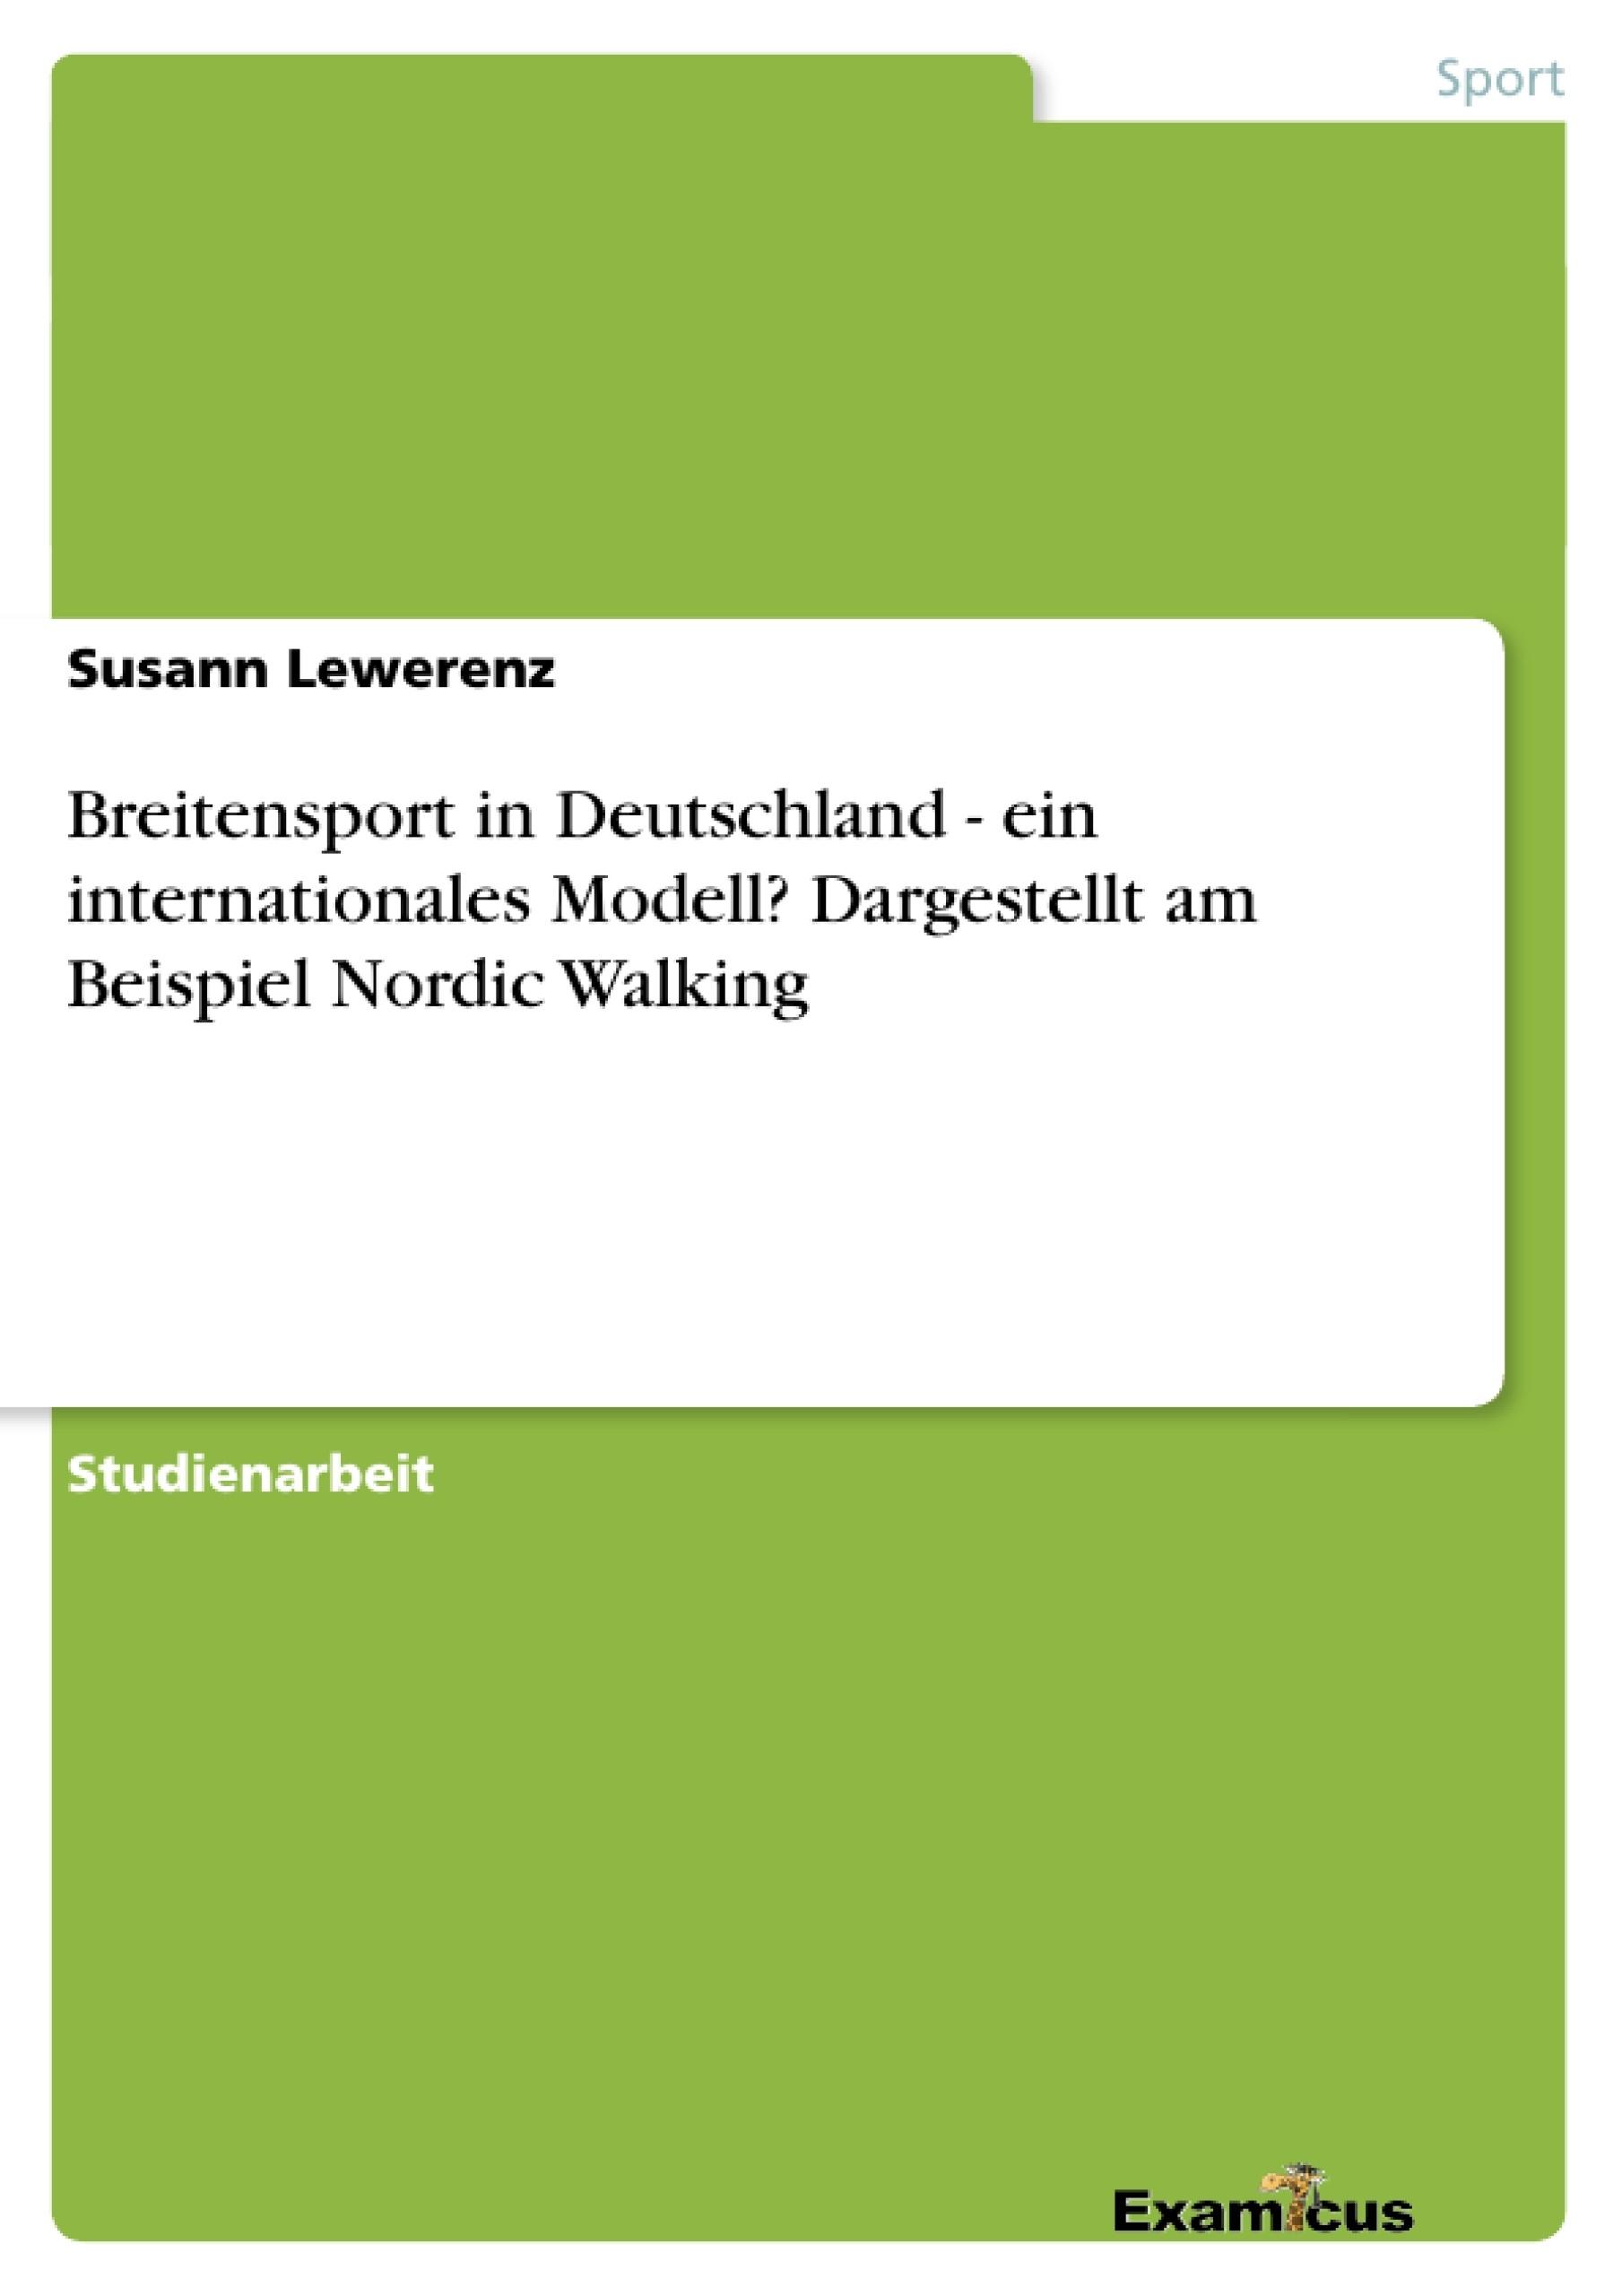 Titel: Breitensport in Deutschland - ein internationales Modell? Dargestellt am Beispiel Nordic Walking